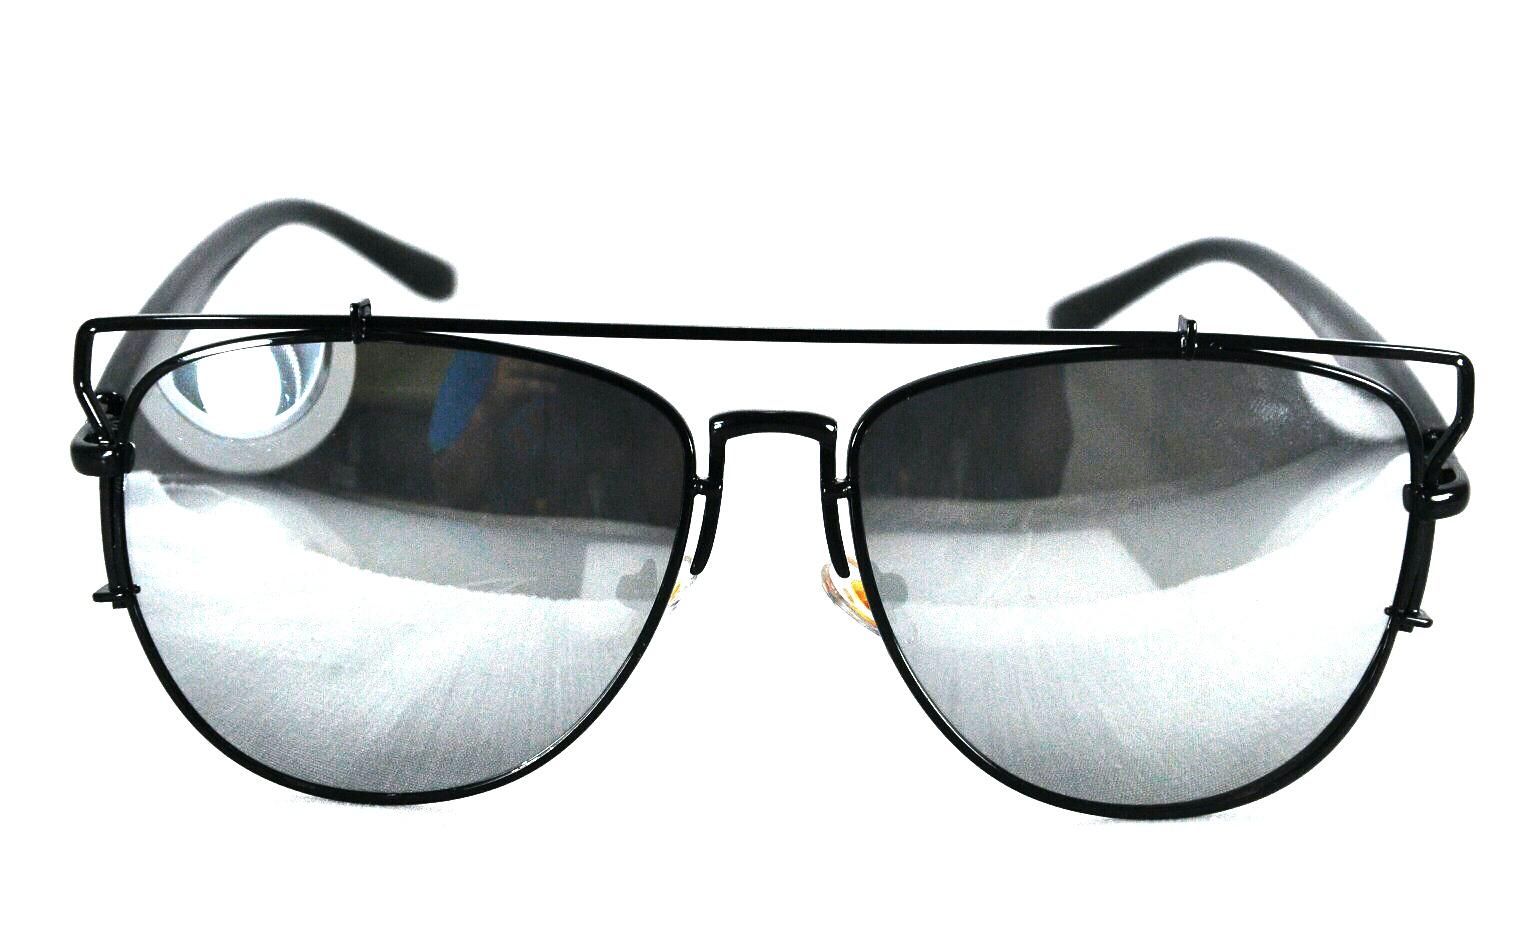 แว่นกันแดด ทรงดีออ งานเกาหลี กรอบดำ เลนเงิน